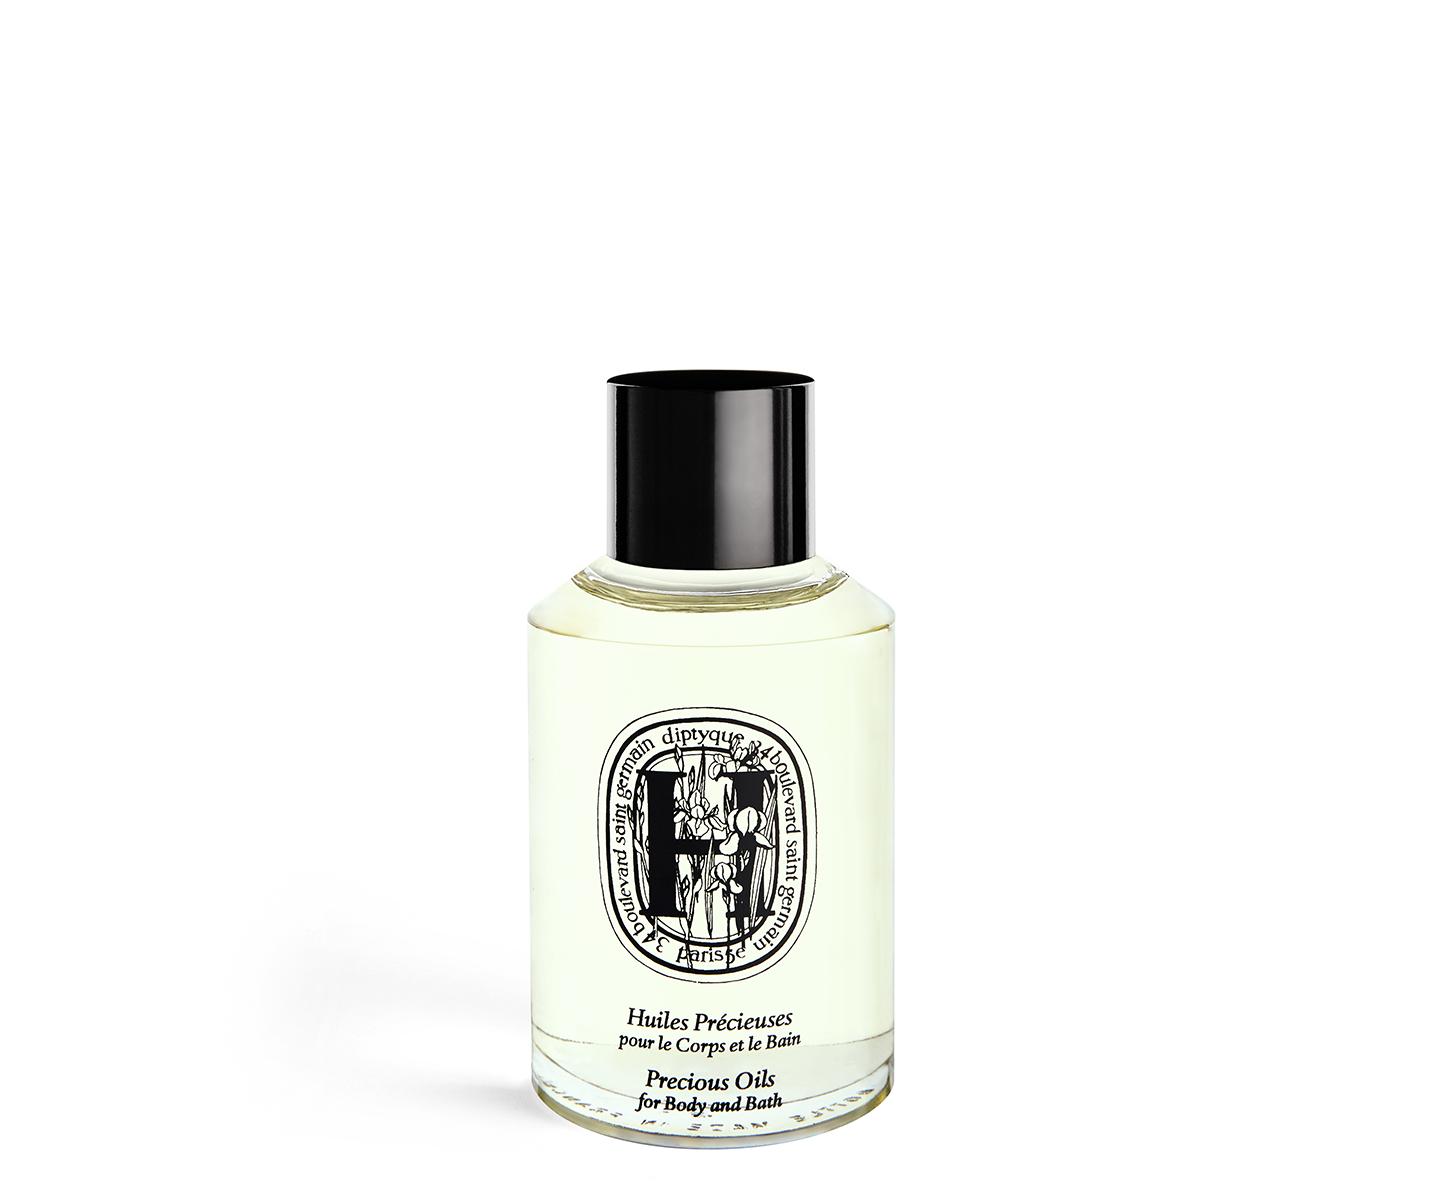 Precious Oils For Body & Bath